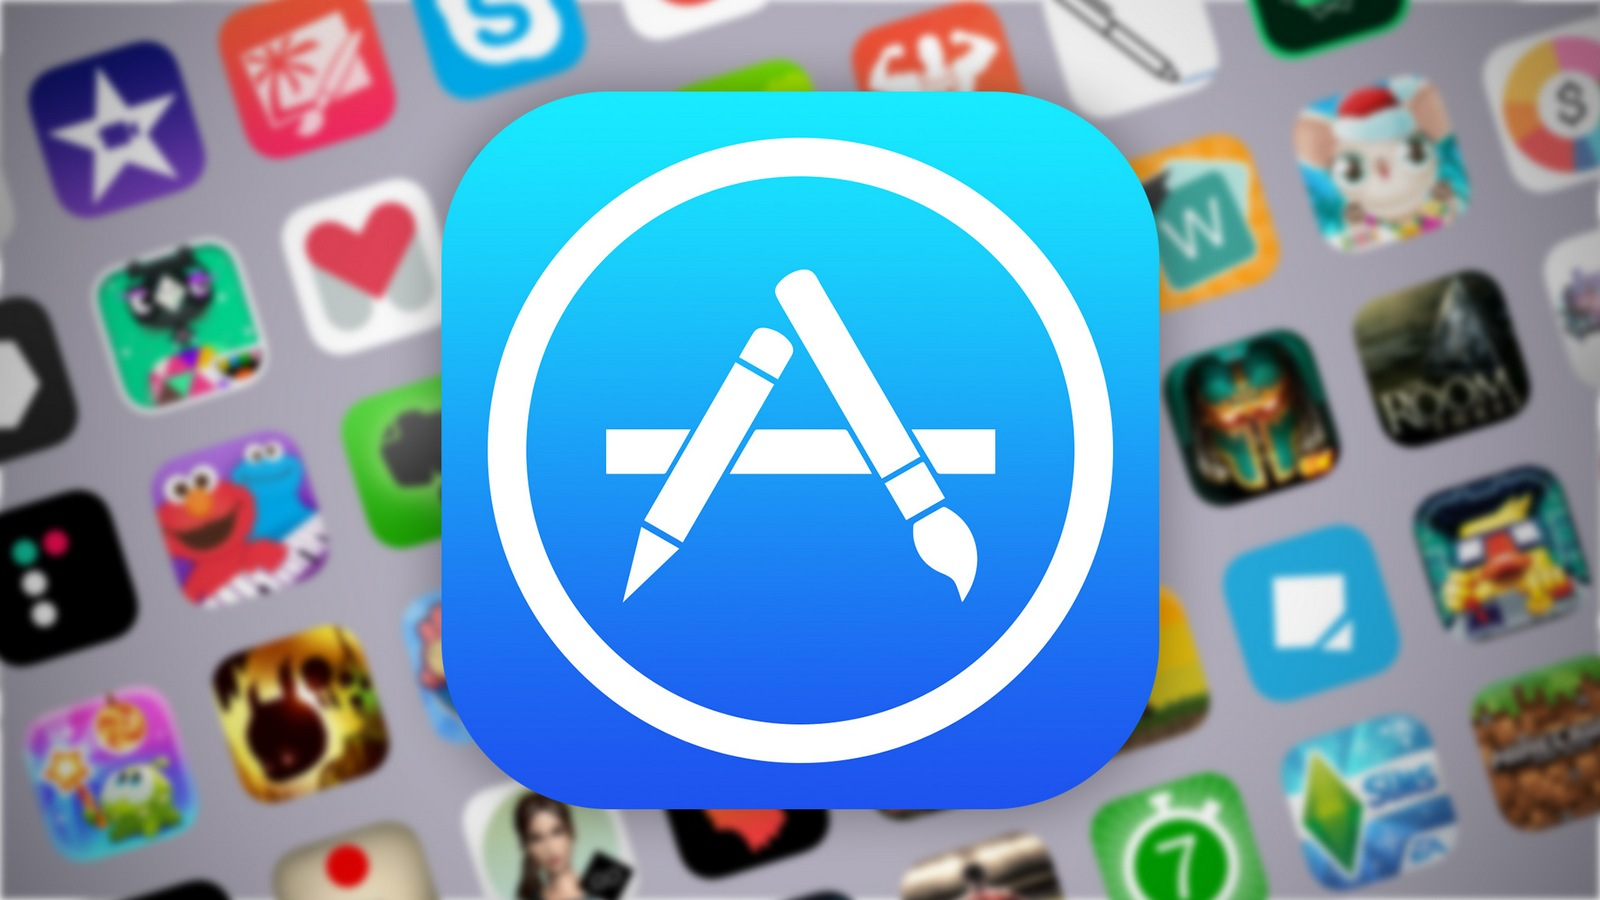 2017 Yılında En Çok Tercih Edilen App Store Uygulamaları